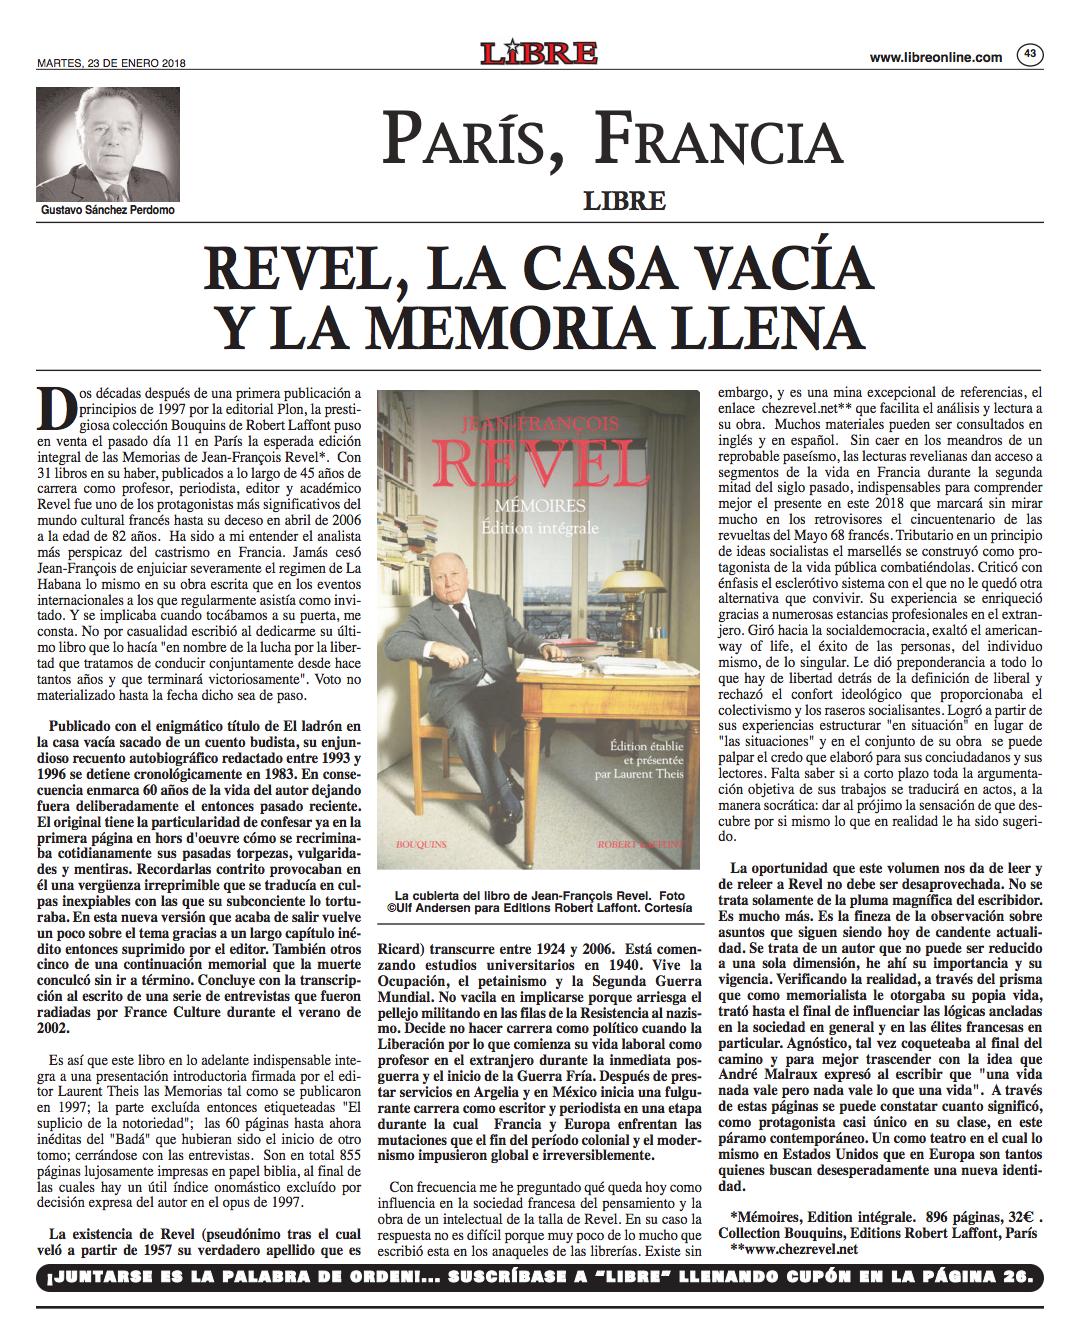 Revel_par_gustavo_sanchez_La_casa_vacia_y_la_memoria_llena